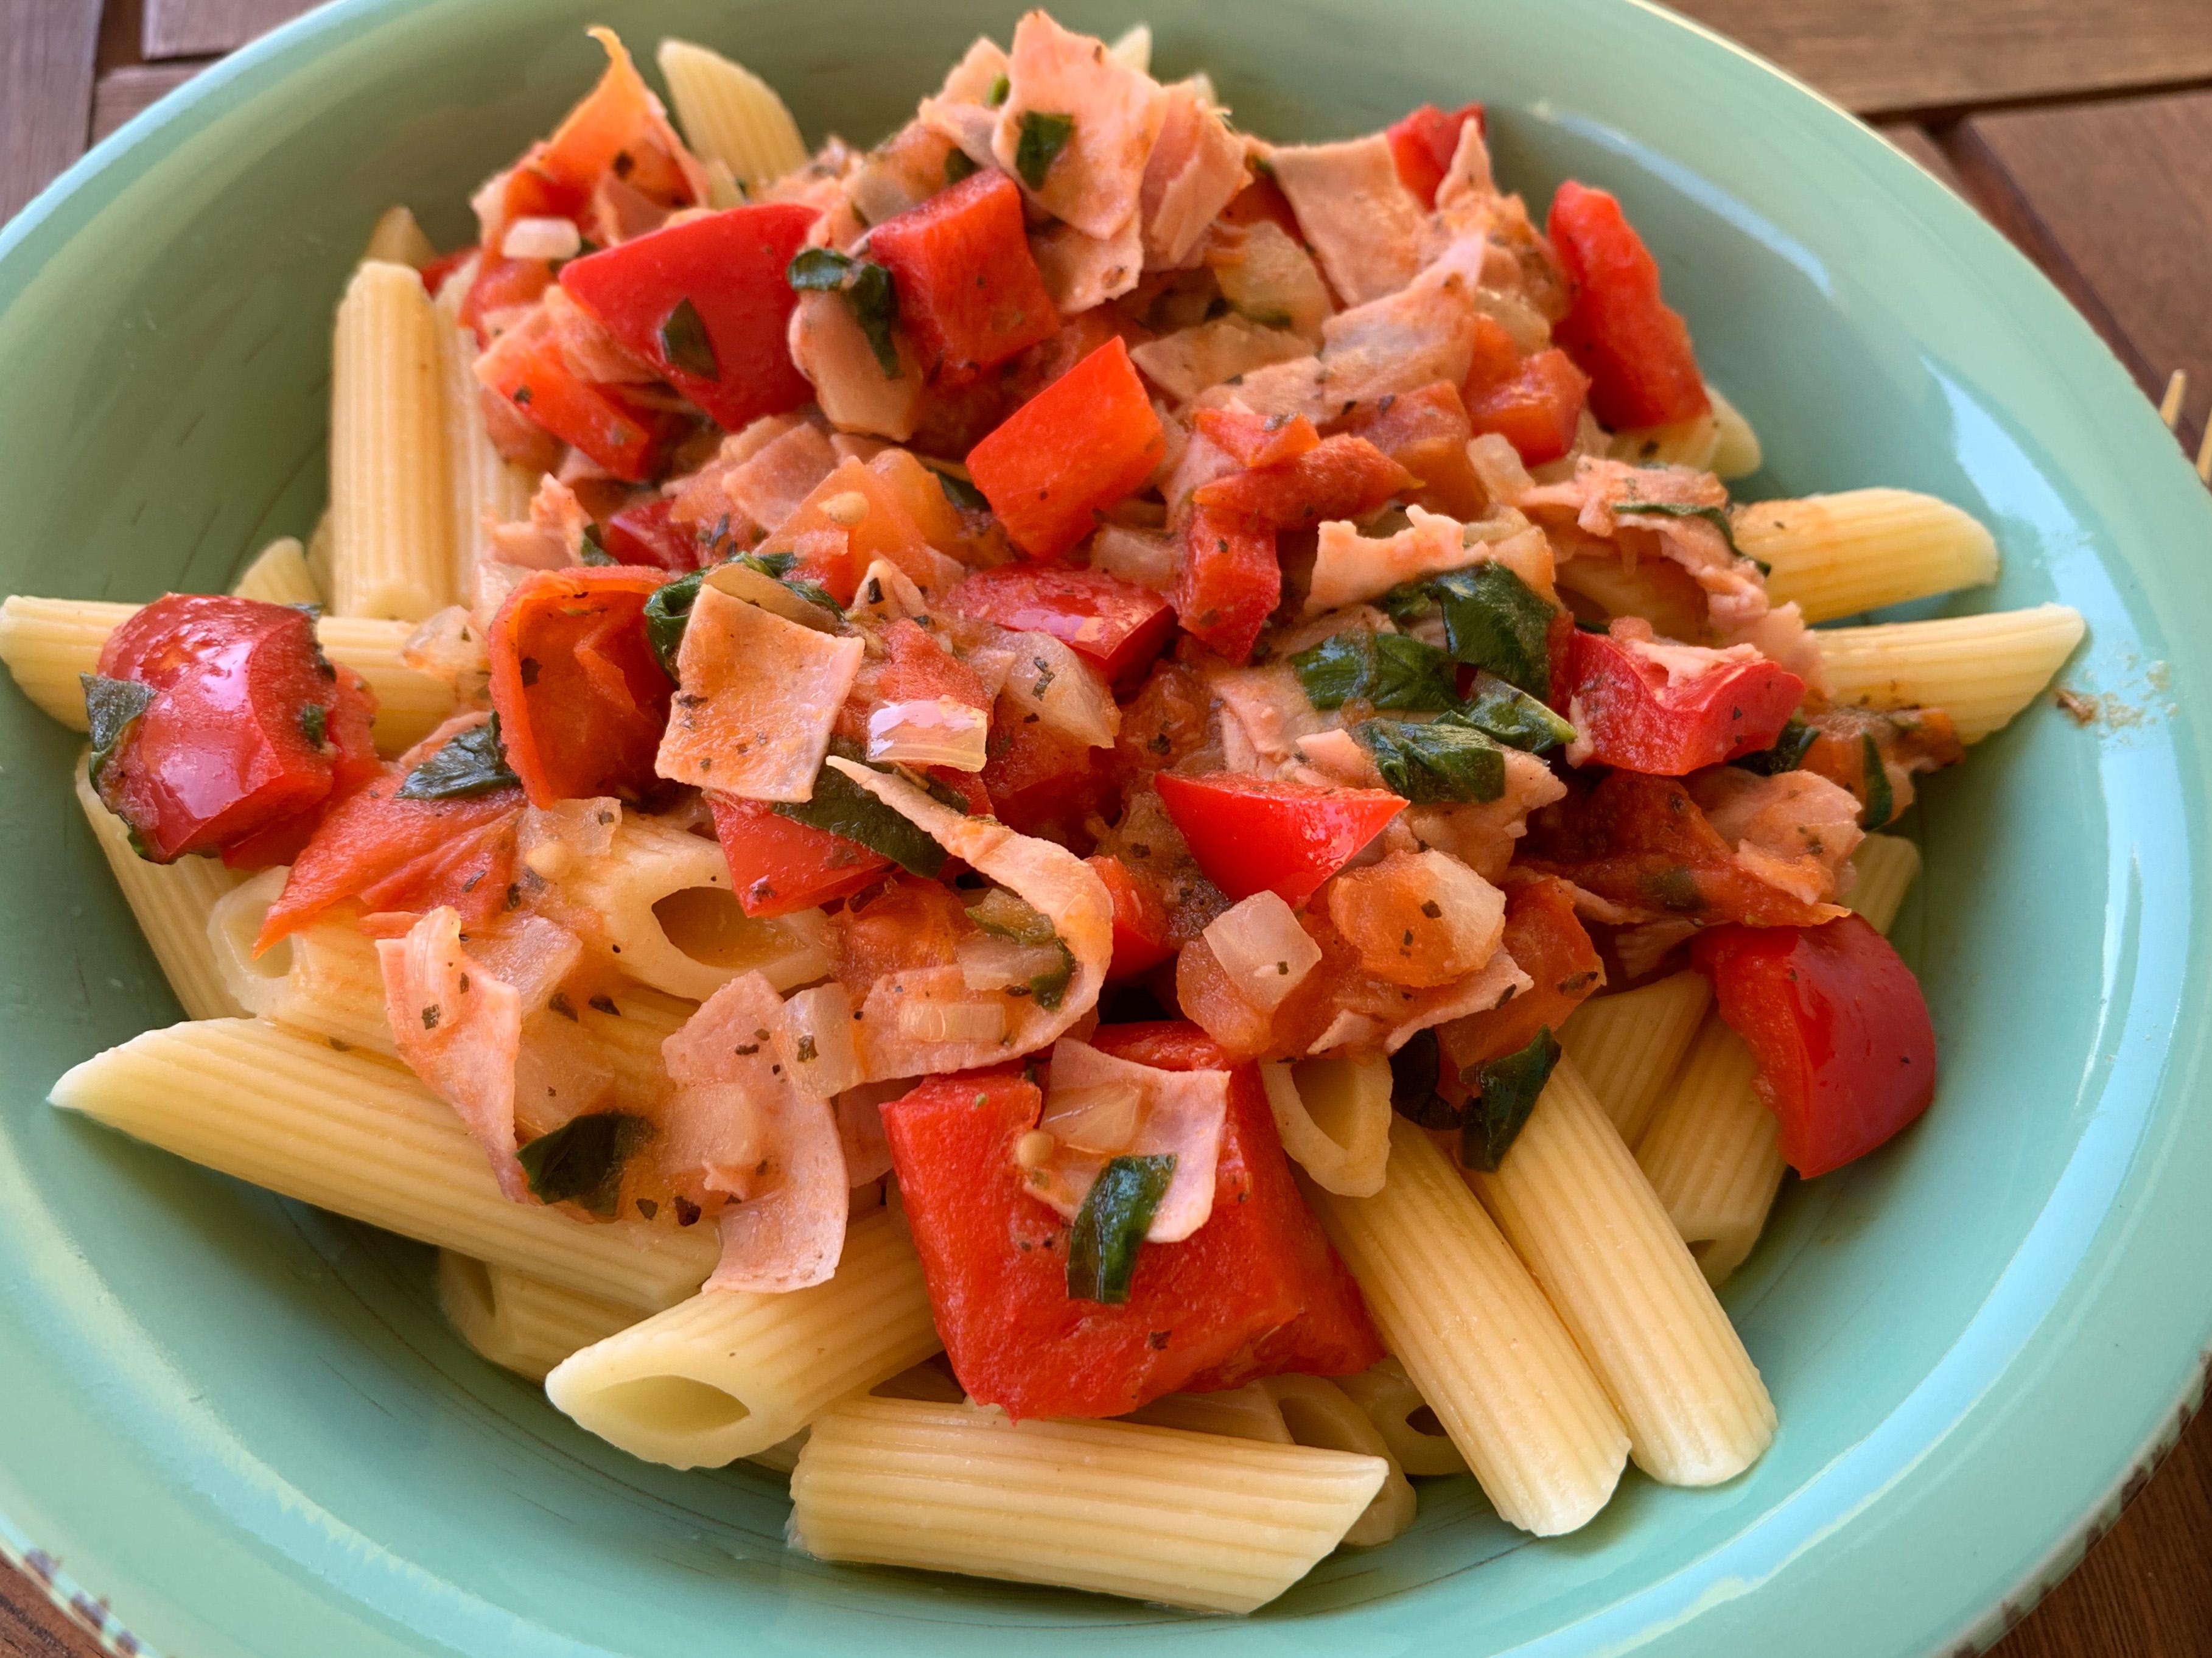 Těstoviny a la italiano - těstoviny s rajčaty a paprikami